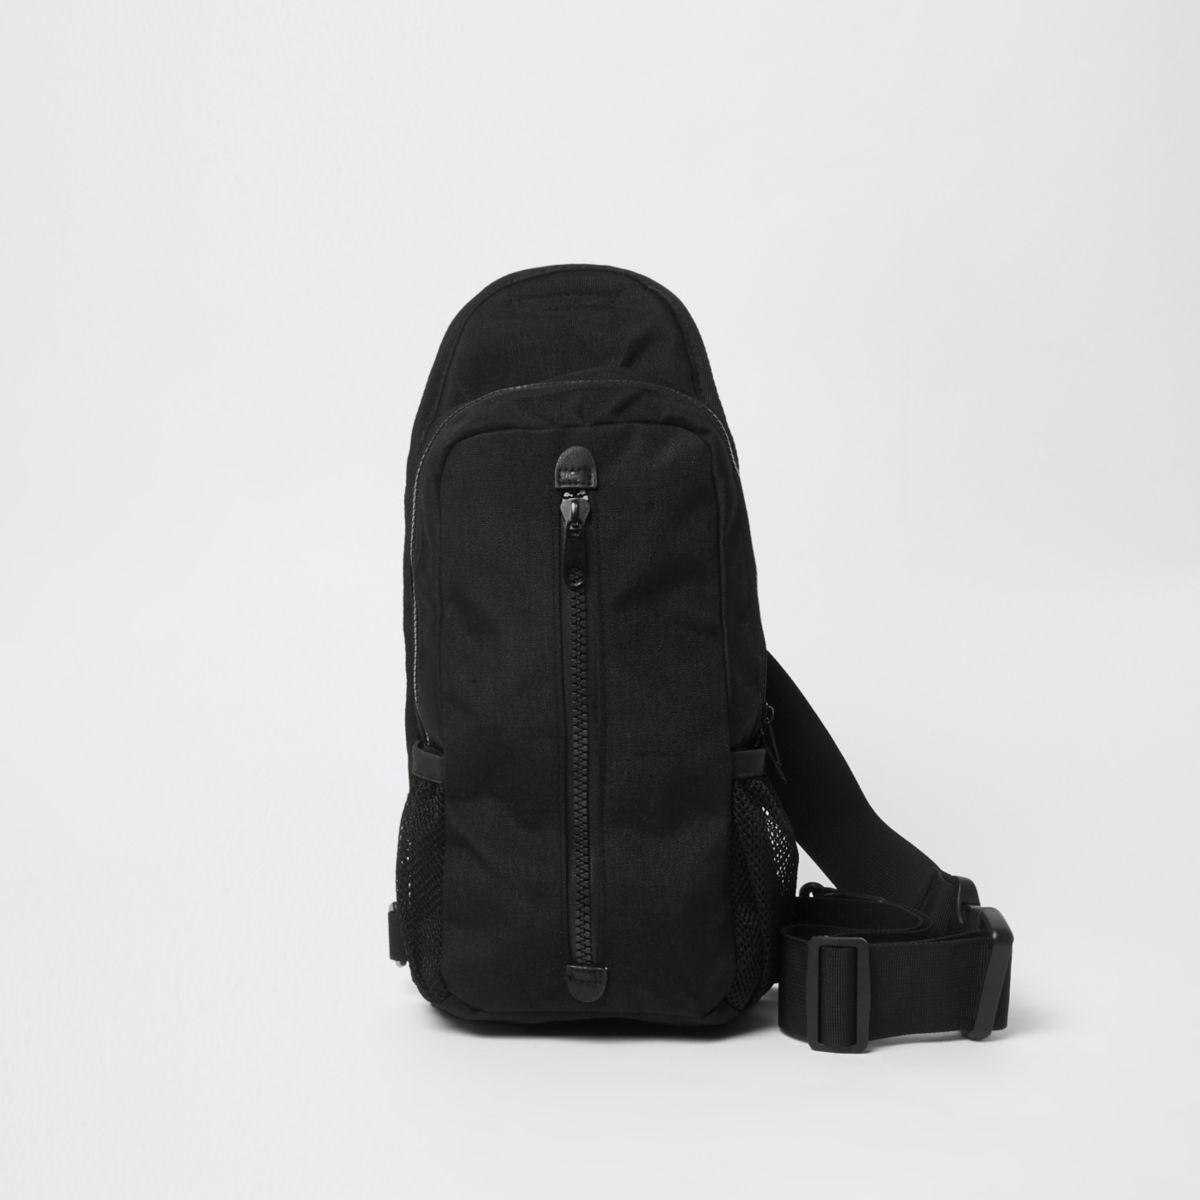 Black single strap backpack